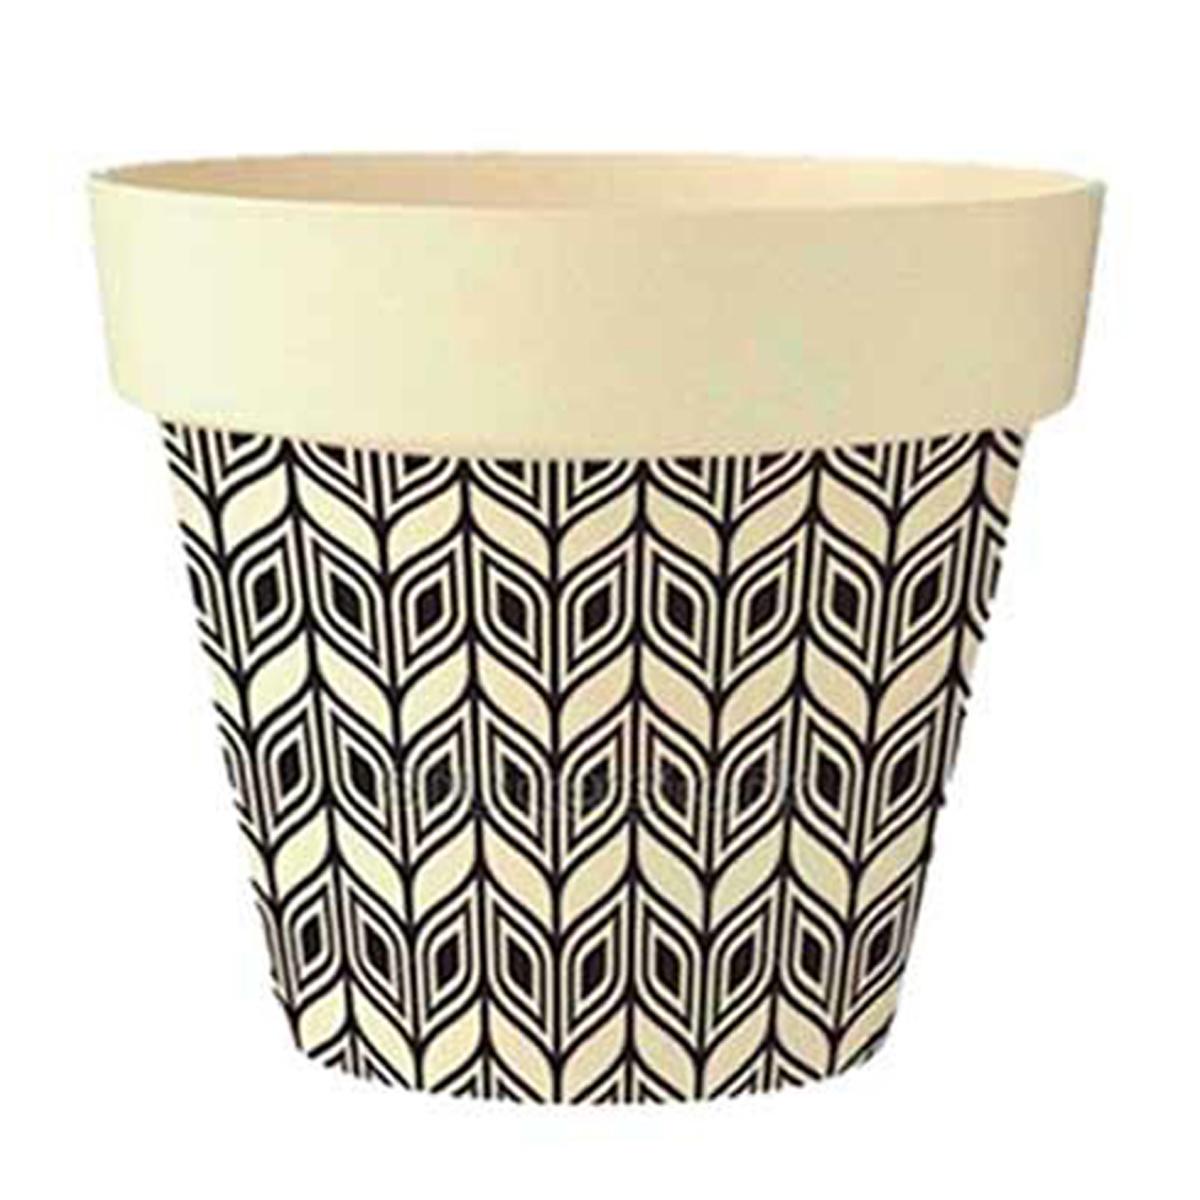 Cache-pot bambou \'Boho\' beige noir -  105x95 cm - [Q6581]